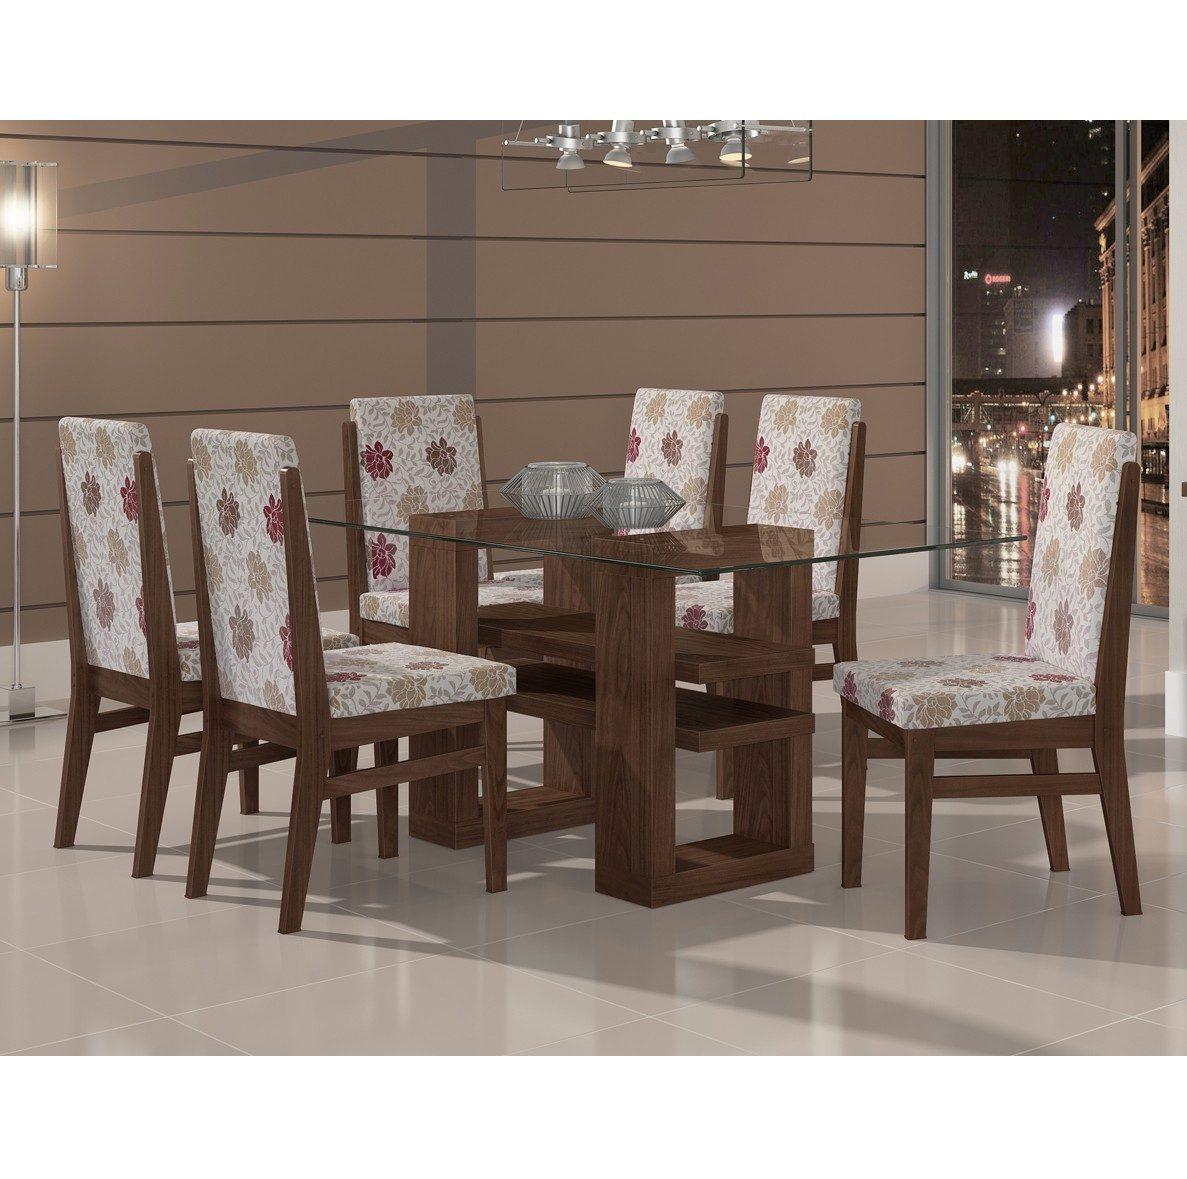 Diferenca De Copa E Sala De Jantar ~ Conjunto De Mesa Com 6 Cadeiras 100% Mdf Copa  Sala Jantar  R$ 1879